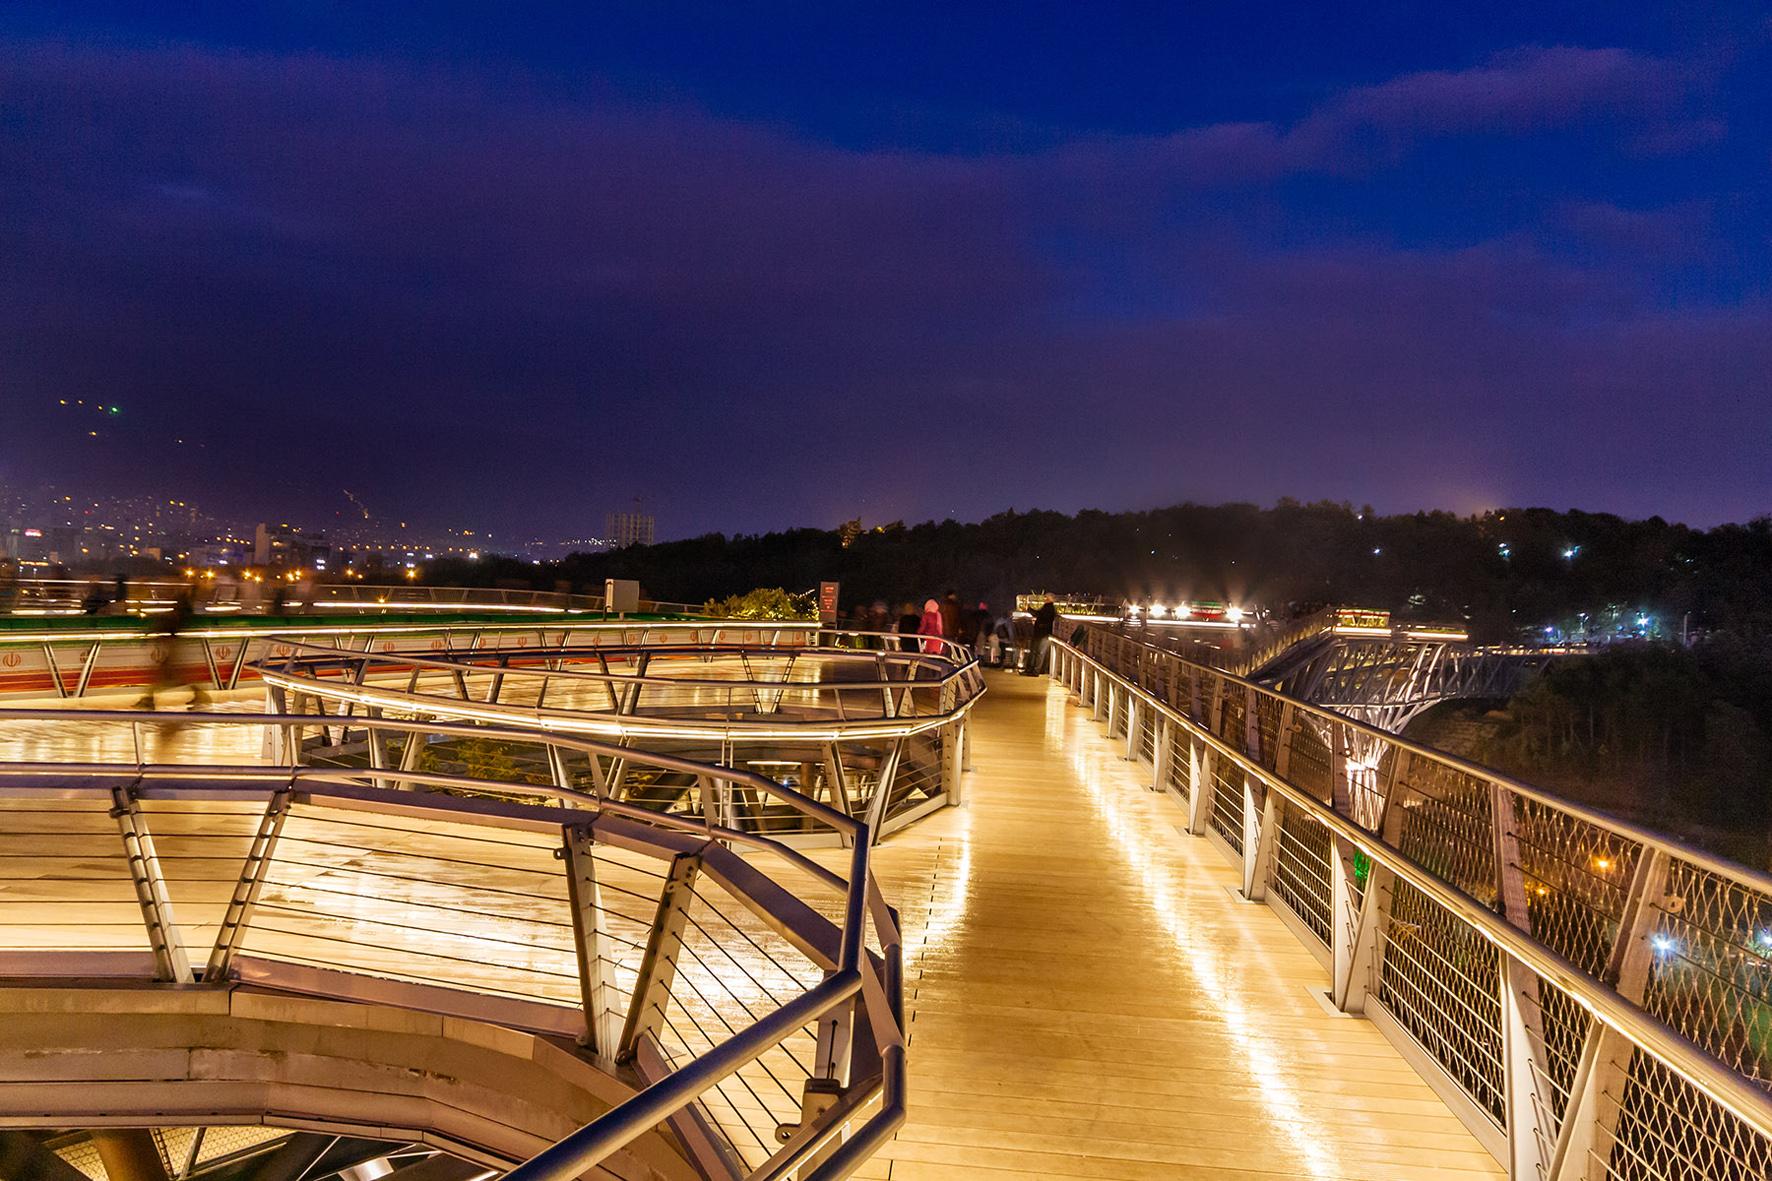 نورپردازی پل طبیعت,پل طبیعت در شب